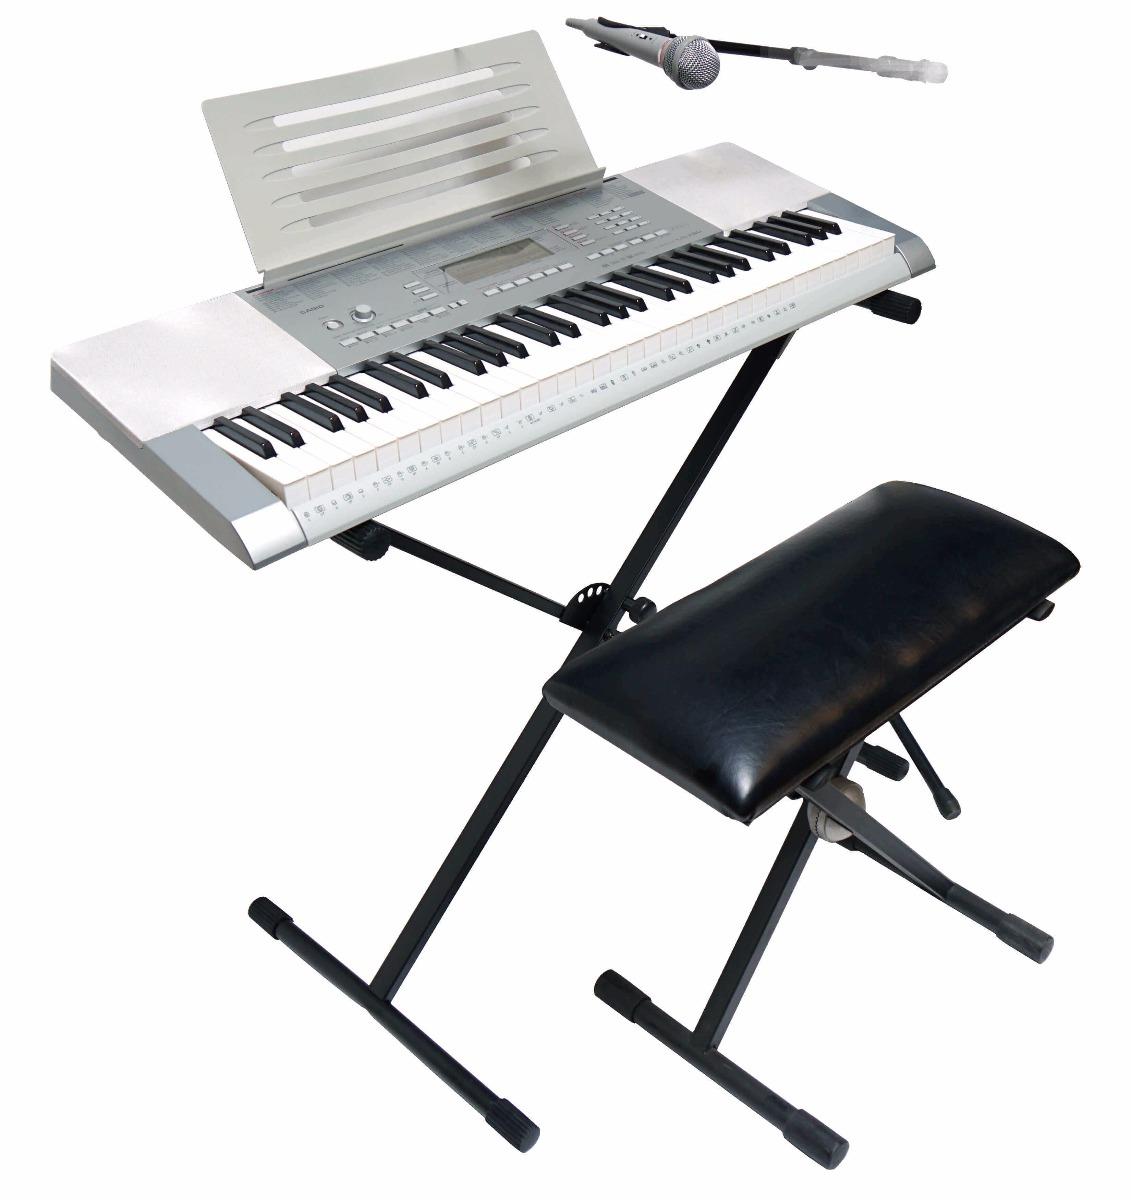 Billede af Casio LK-280-PACK keyboard PAKKELØSNING